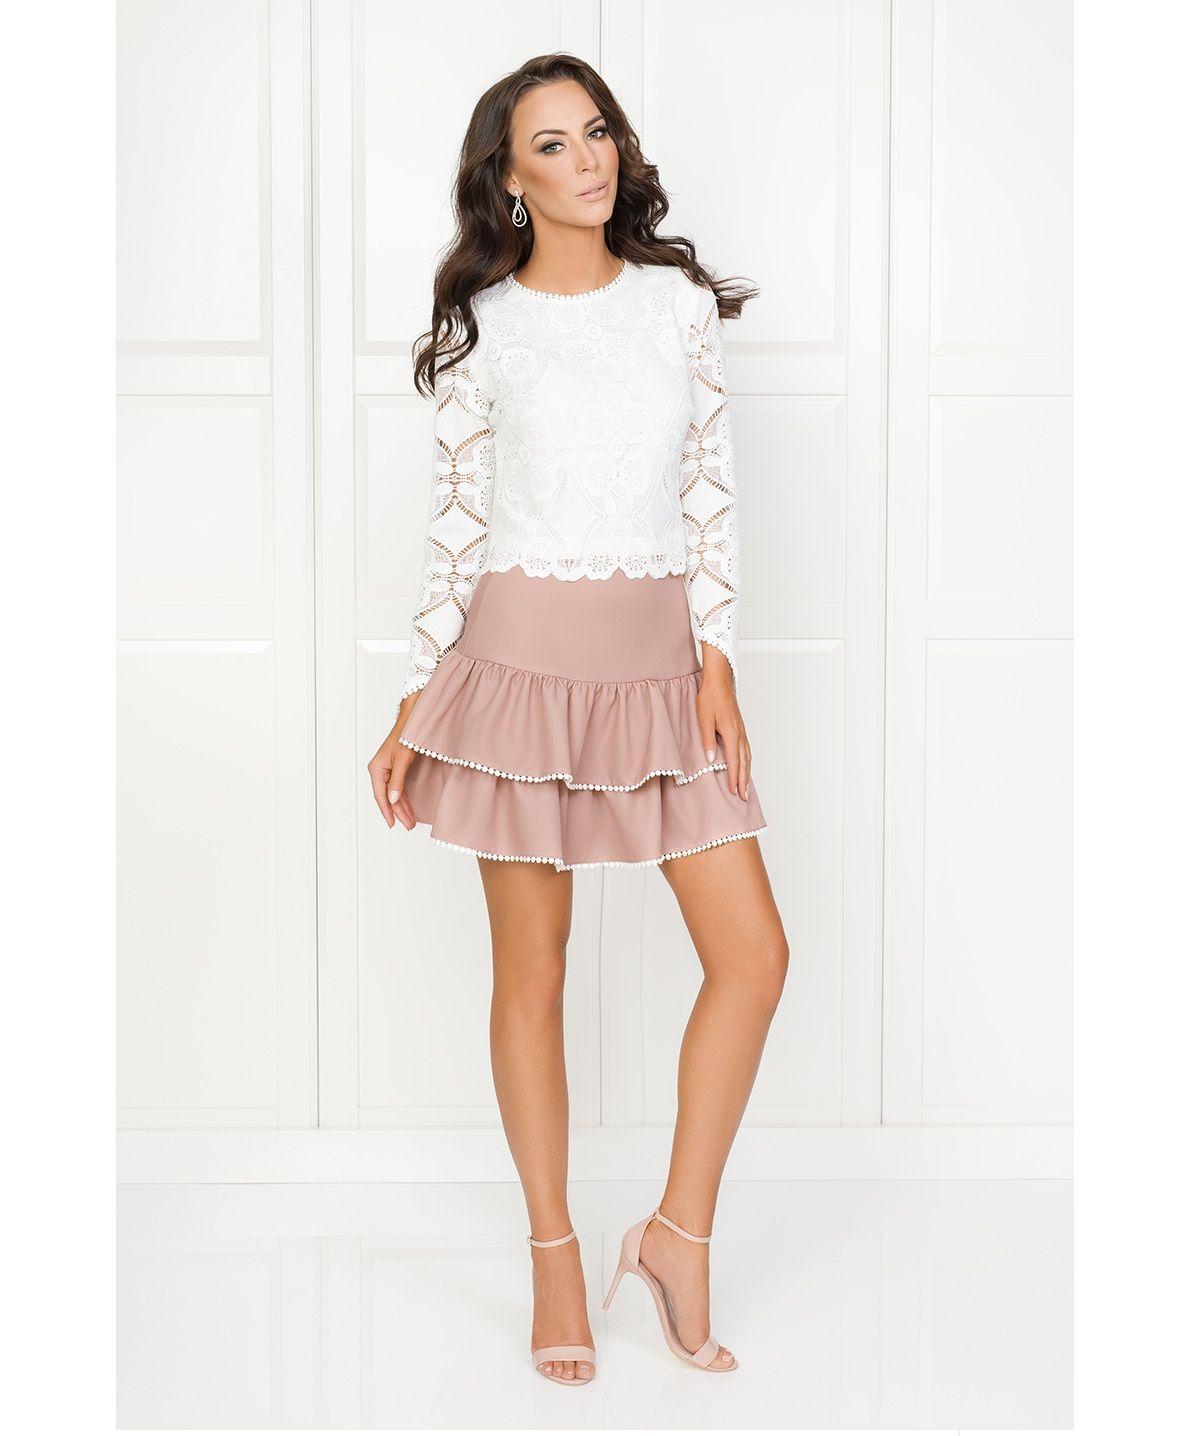 fe20a2f03286f1 Illuminate.pl Komplet Nell -Spódnica o długości mini oraz elegancka  koronkowa biała bluzeczka z